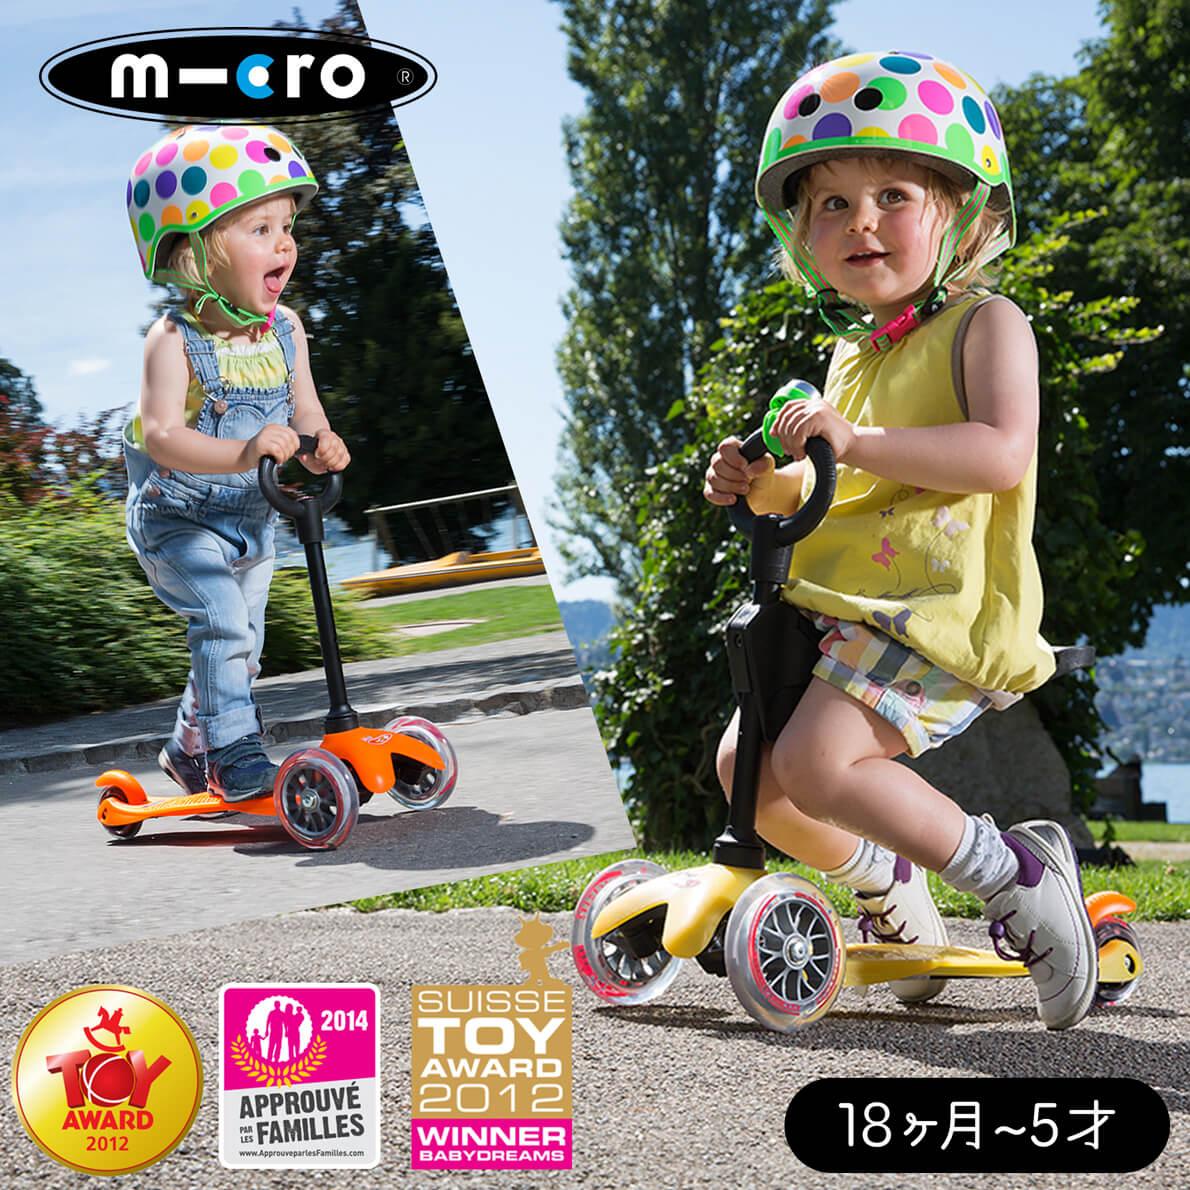 ミニ・マイクロ・キックスリー・スタンダード(Mini Micro Kick3 Standard【乗物玩具 キックボード】18ヶ月から5歳 スイスデザイン 送料無料 正規品 2年保証 キックボード 子供の成長に合わせて3ステップで遊べる